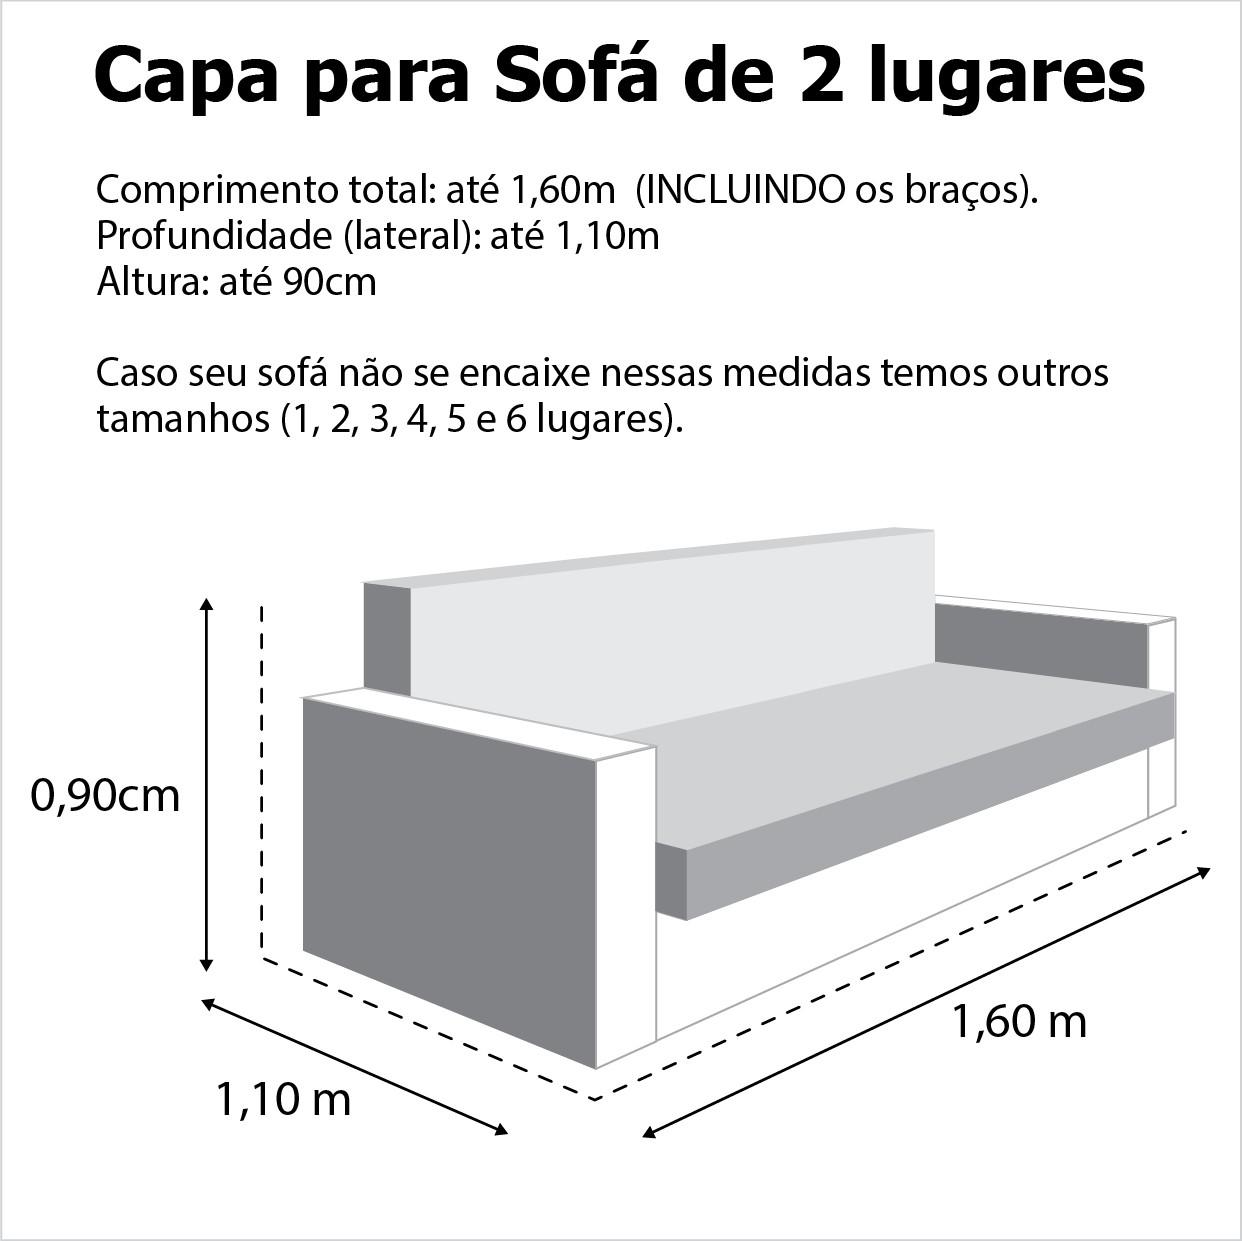 Capa p/ Sofá de 2 Lug CRUA em Acquablock Impermeável